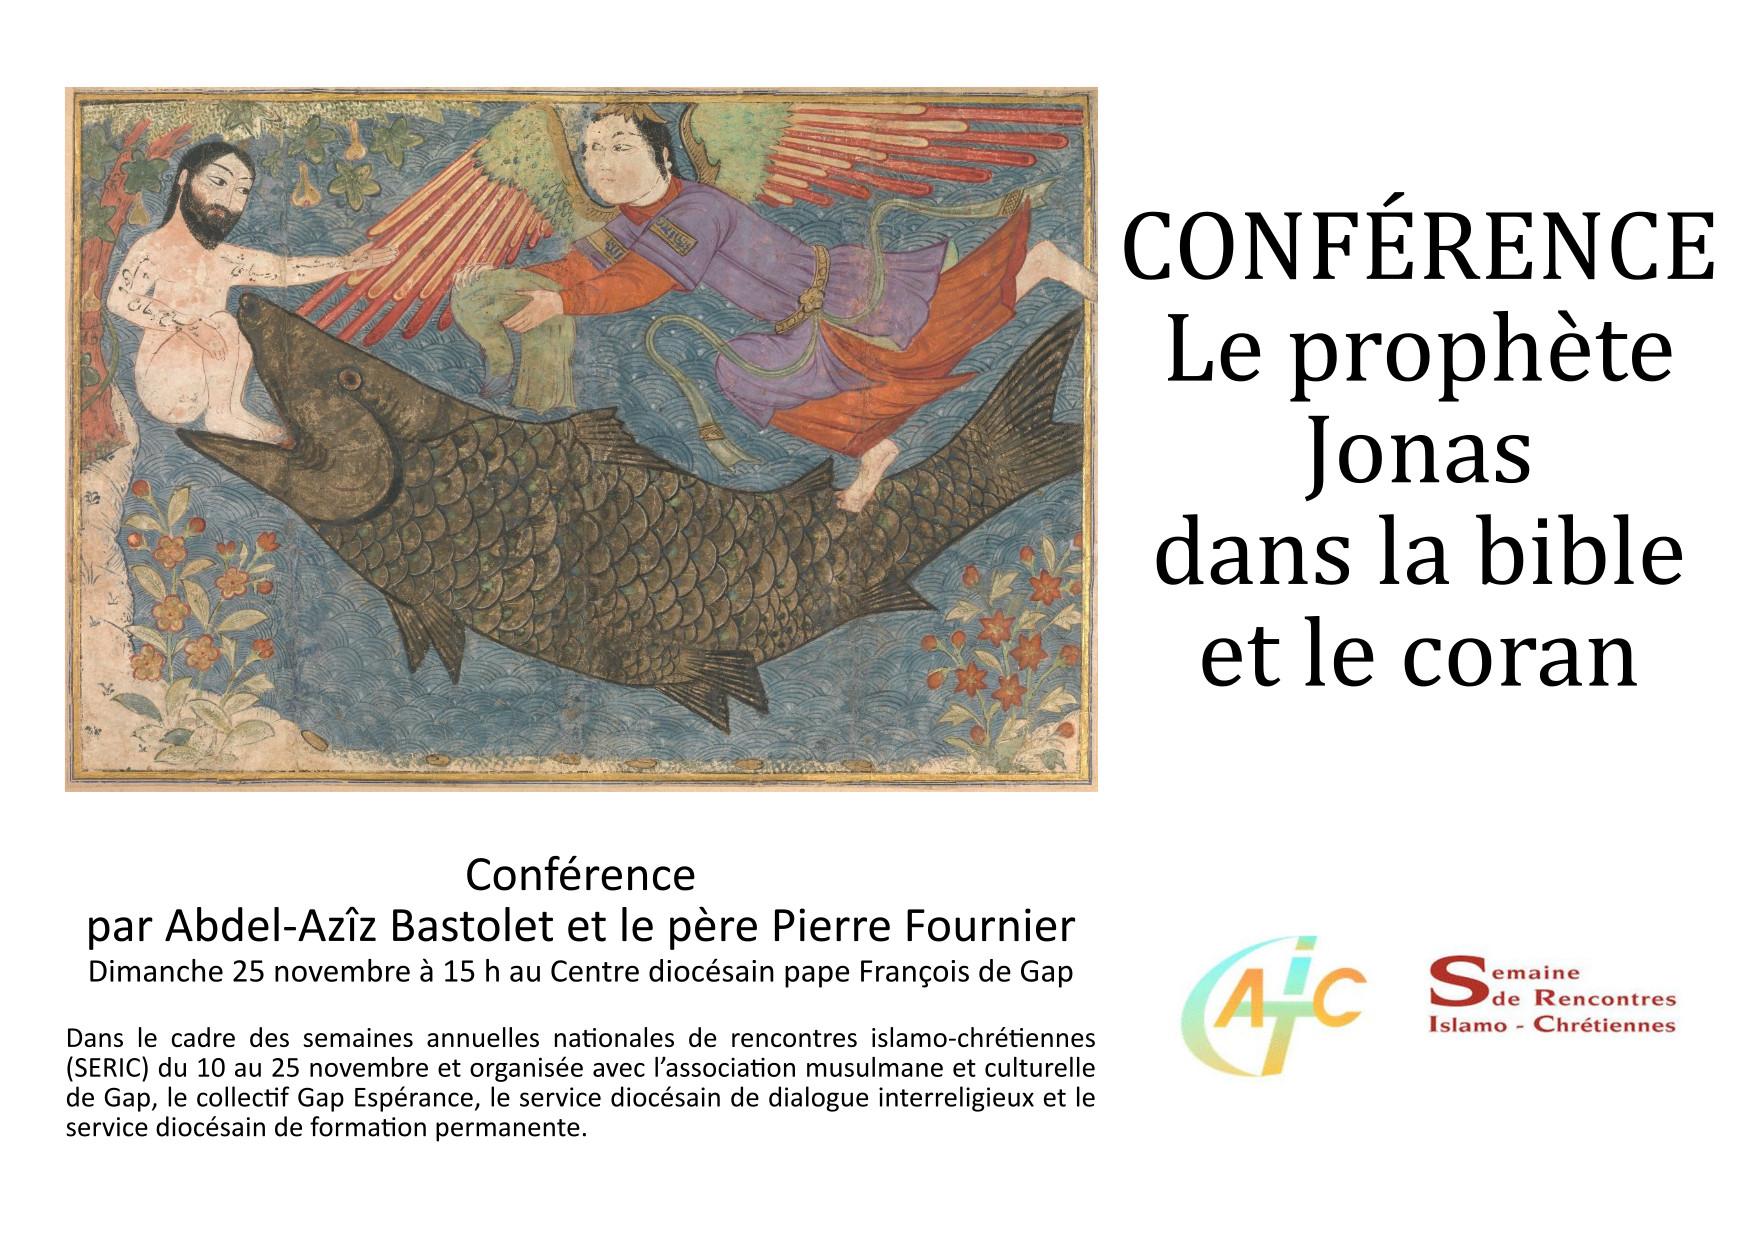 Le prophète Jonas dans la bible et le coran